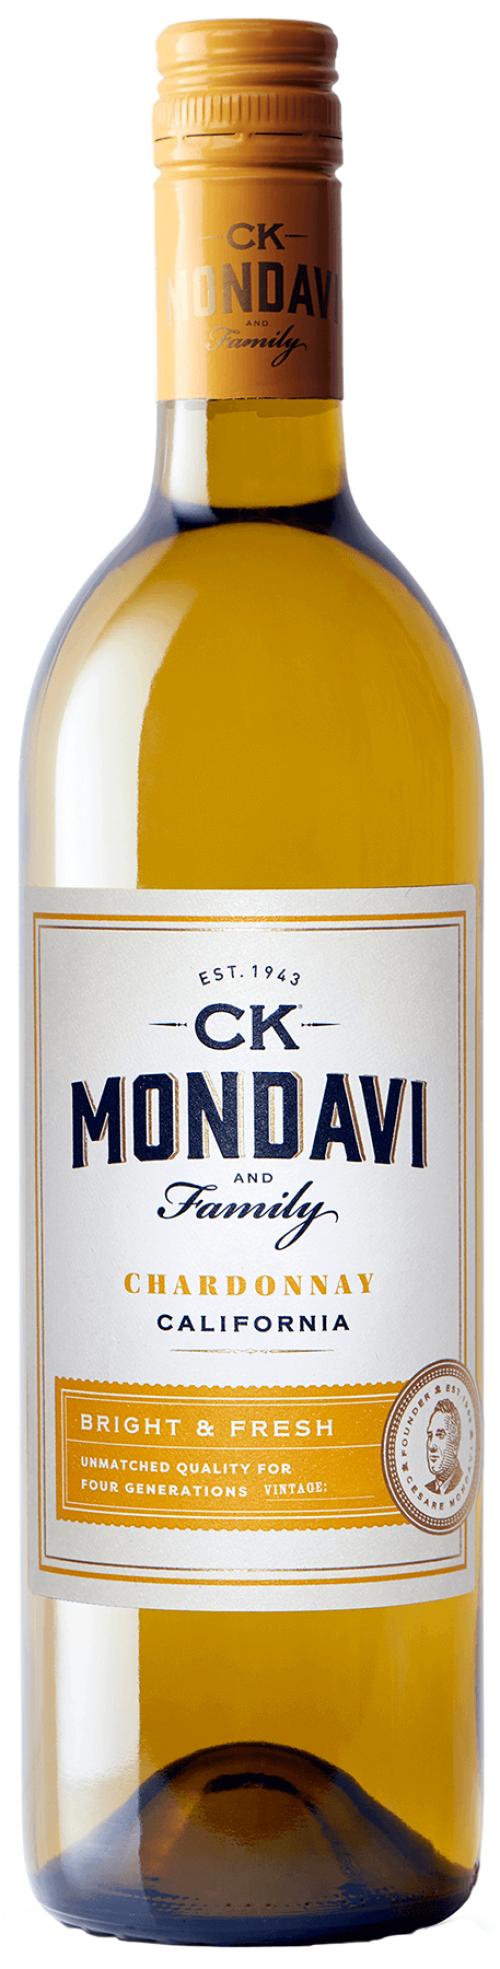 C.K. Mondavi Chardonnay 750ml NV